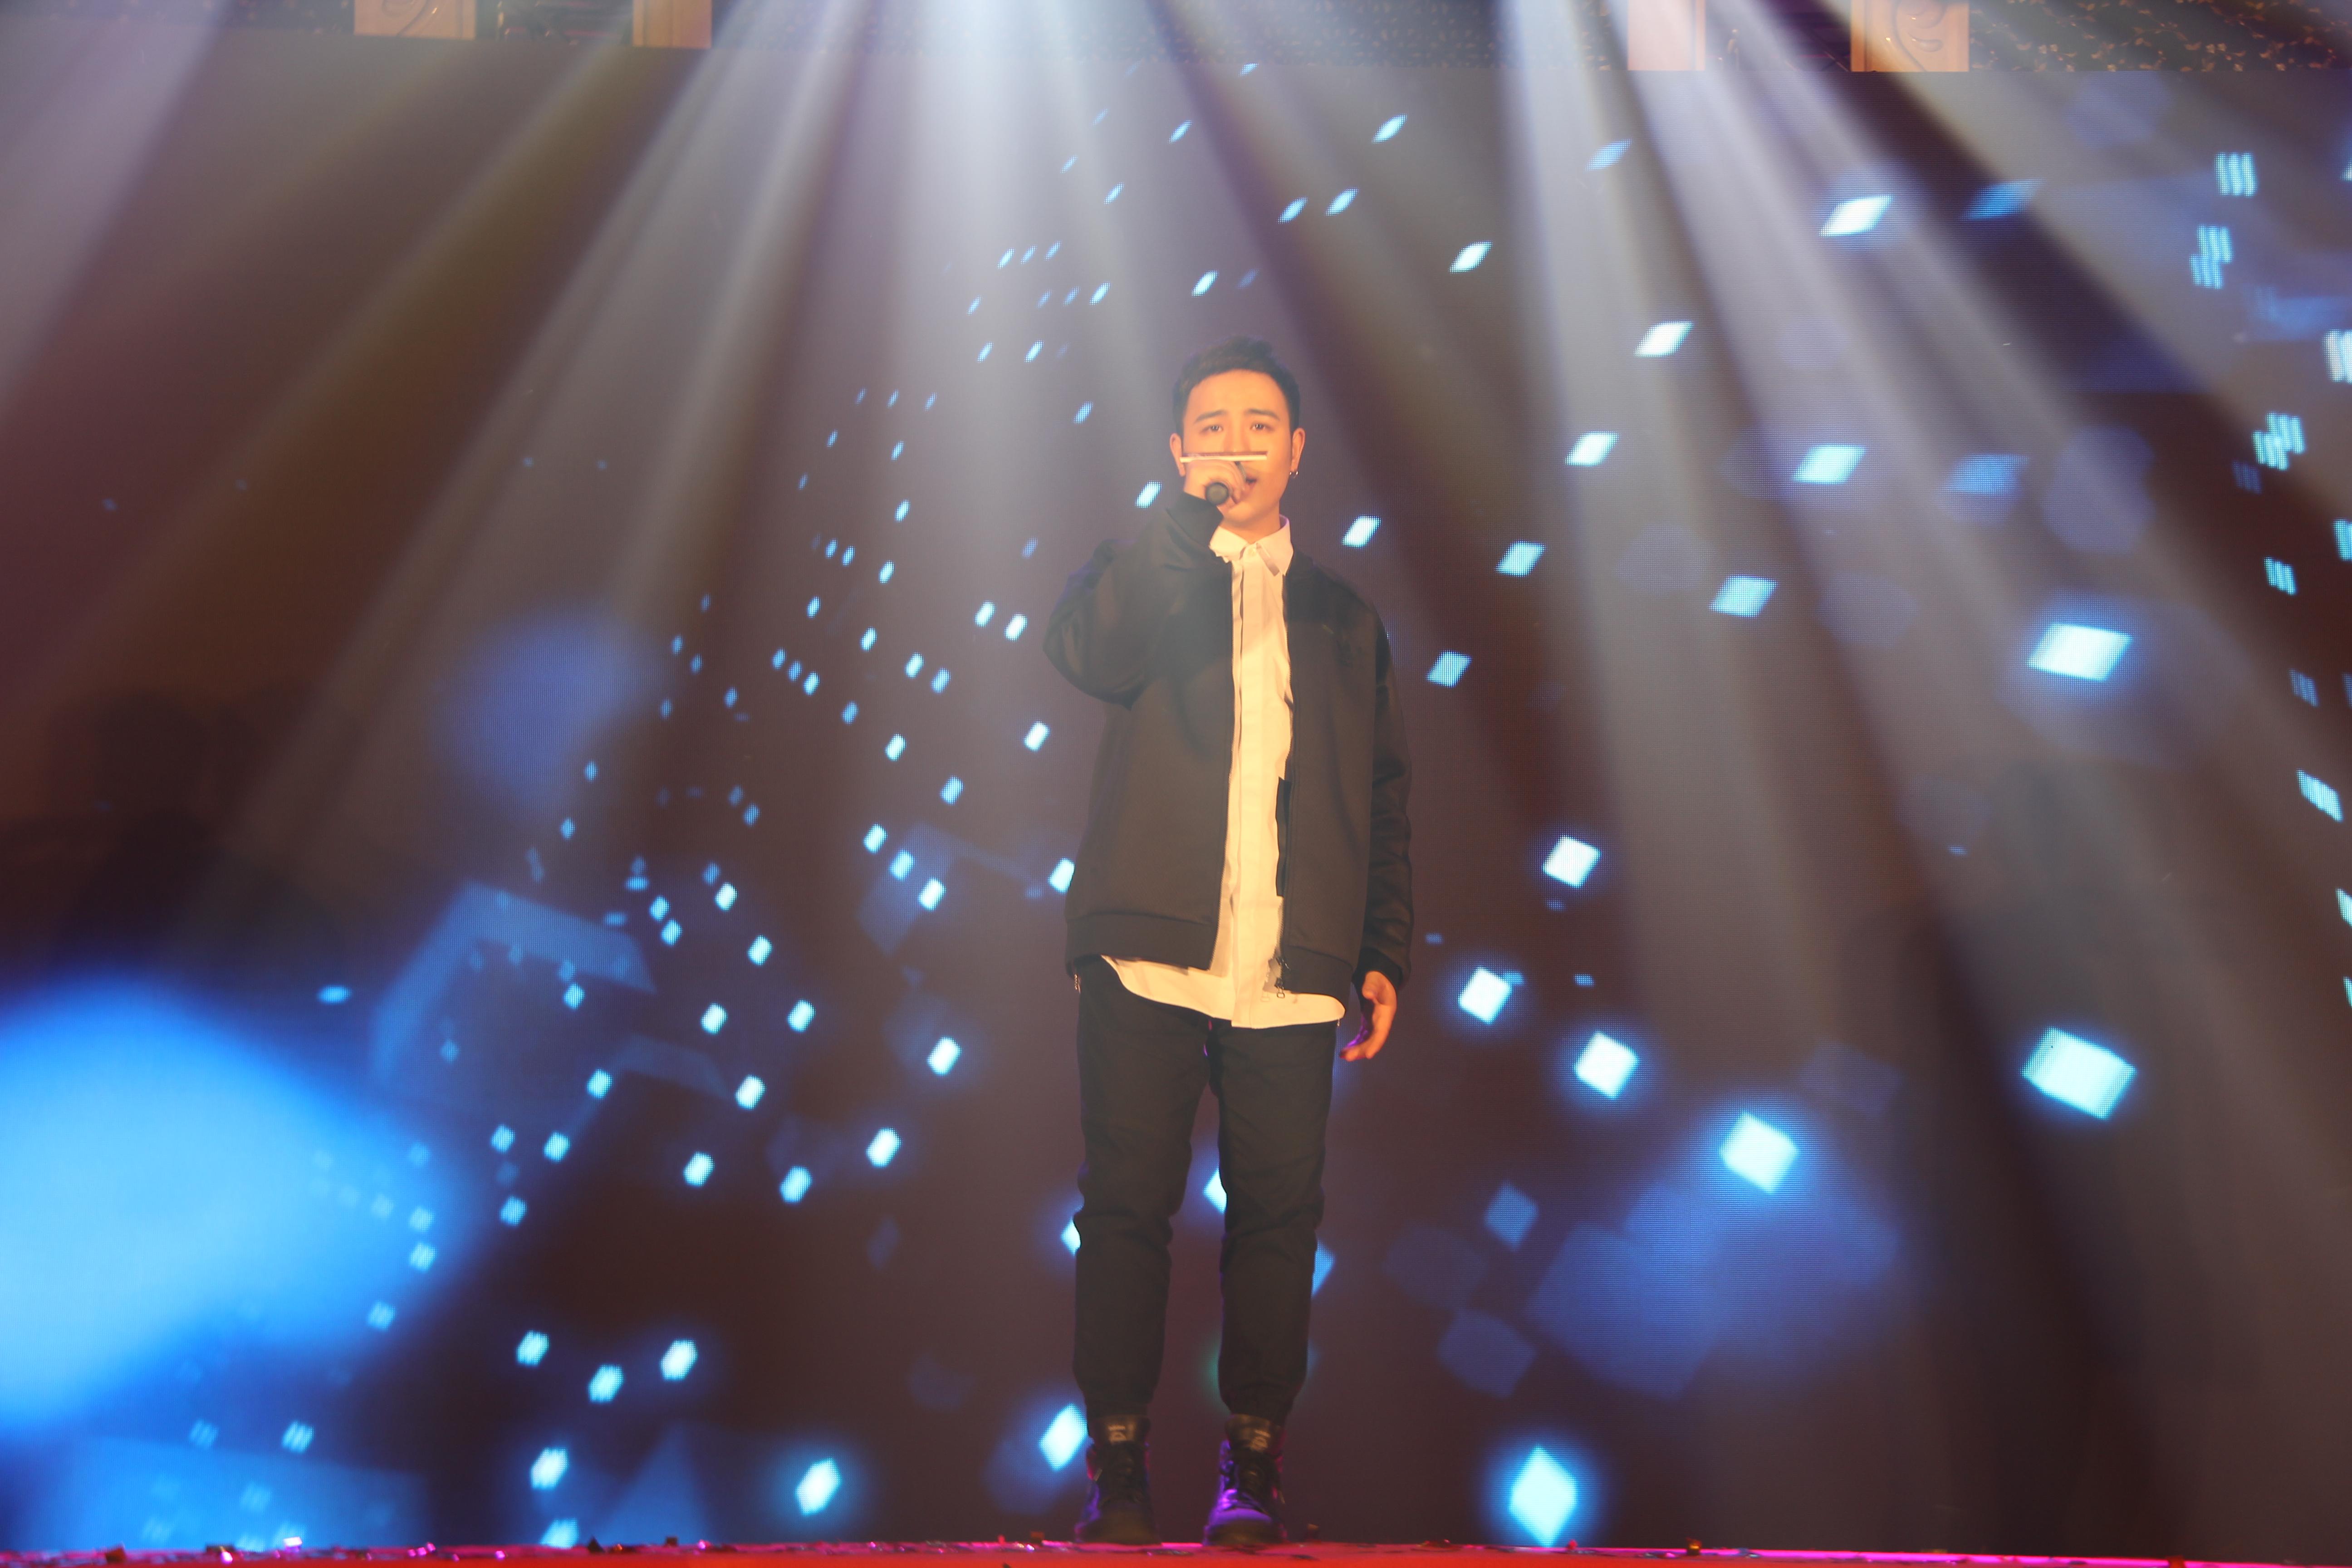 第二季《中国新歌声》深圳开唱|深圳| 歌声_凤